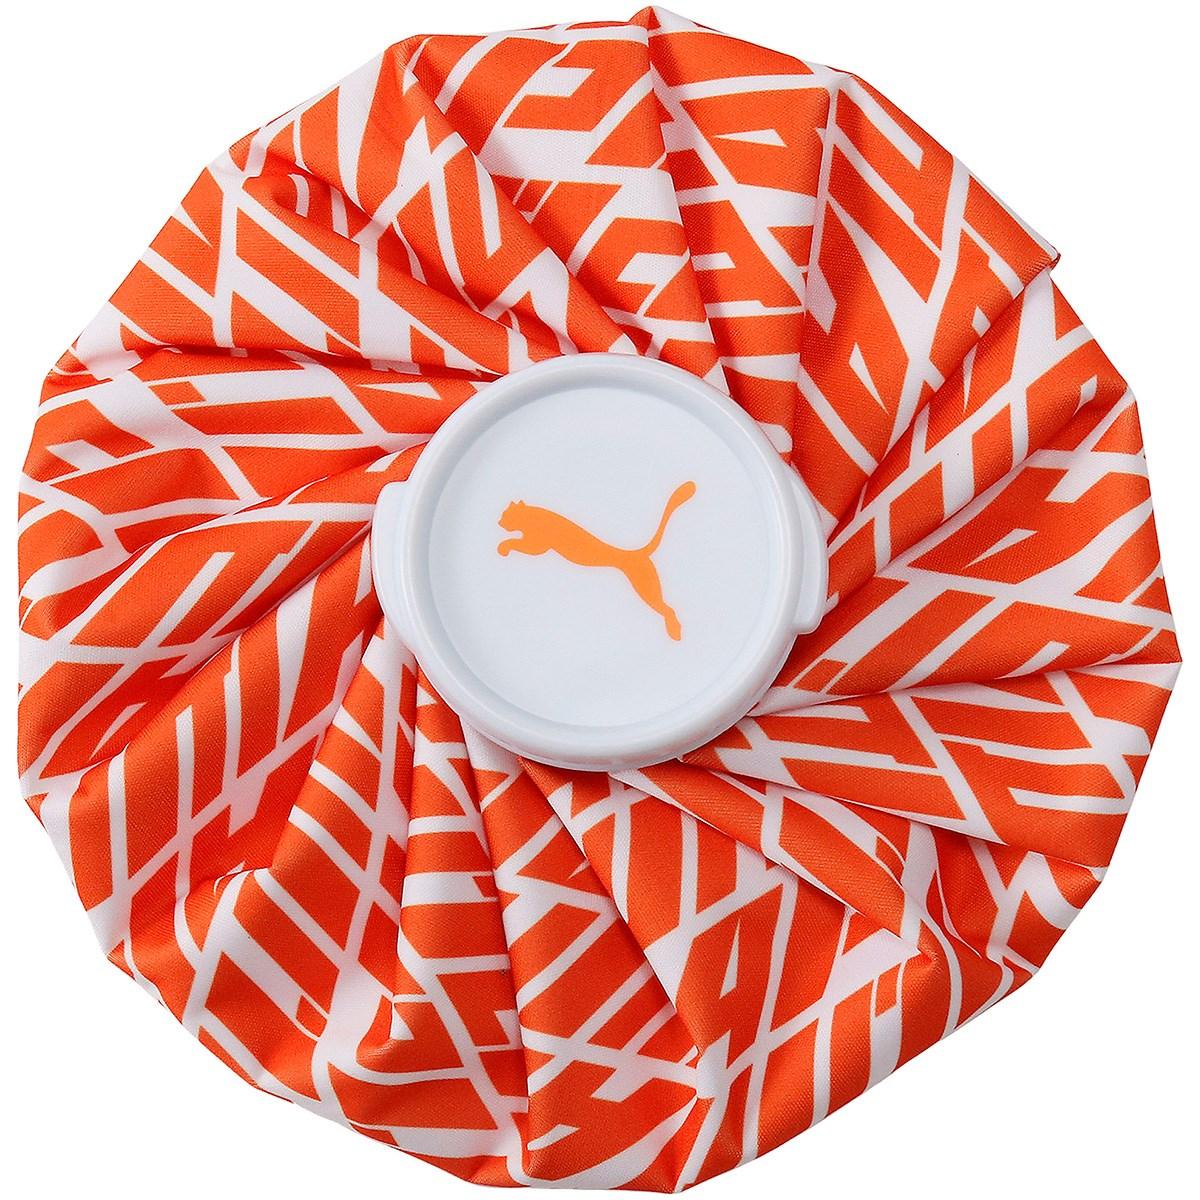 プーマ PUMA アイスバッグ ビブラントオレンジ 03